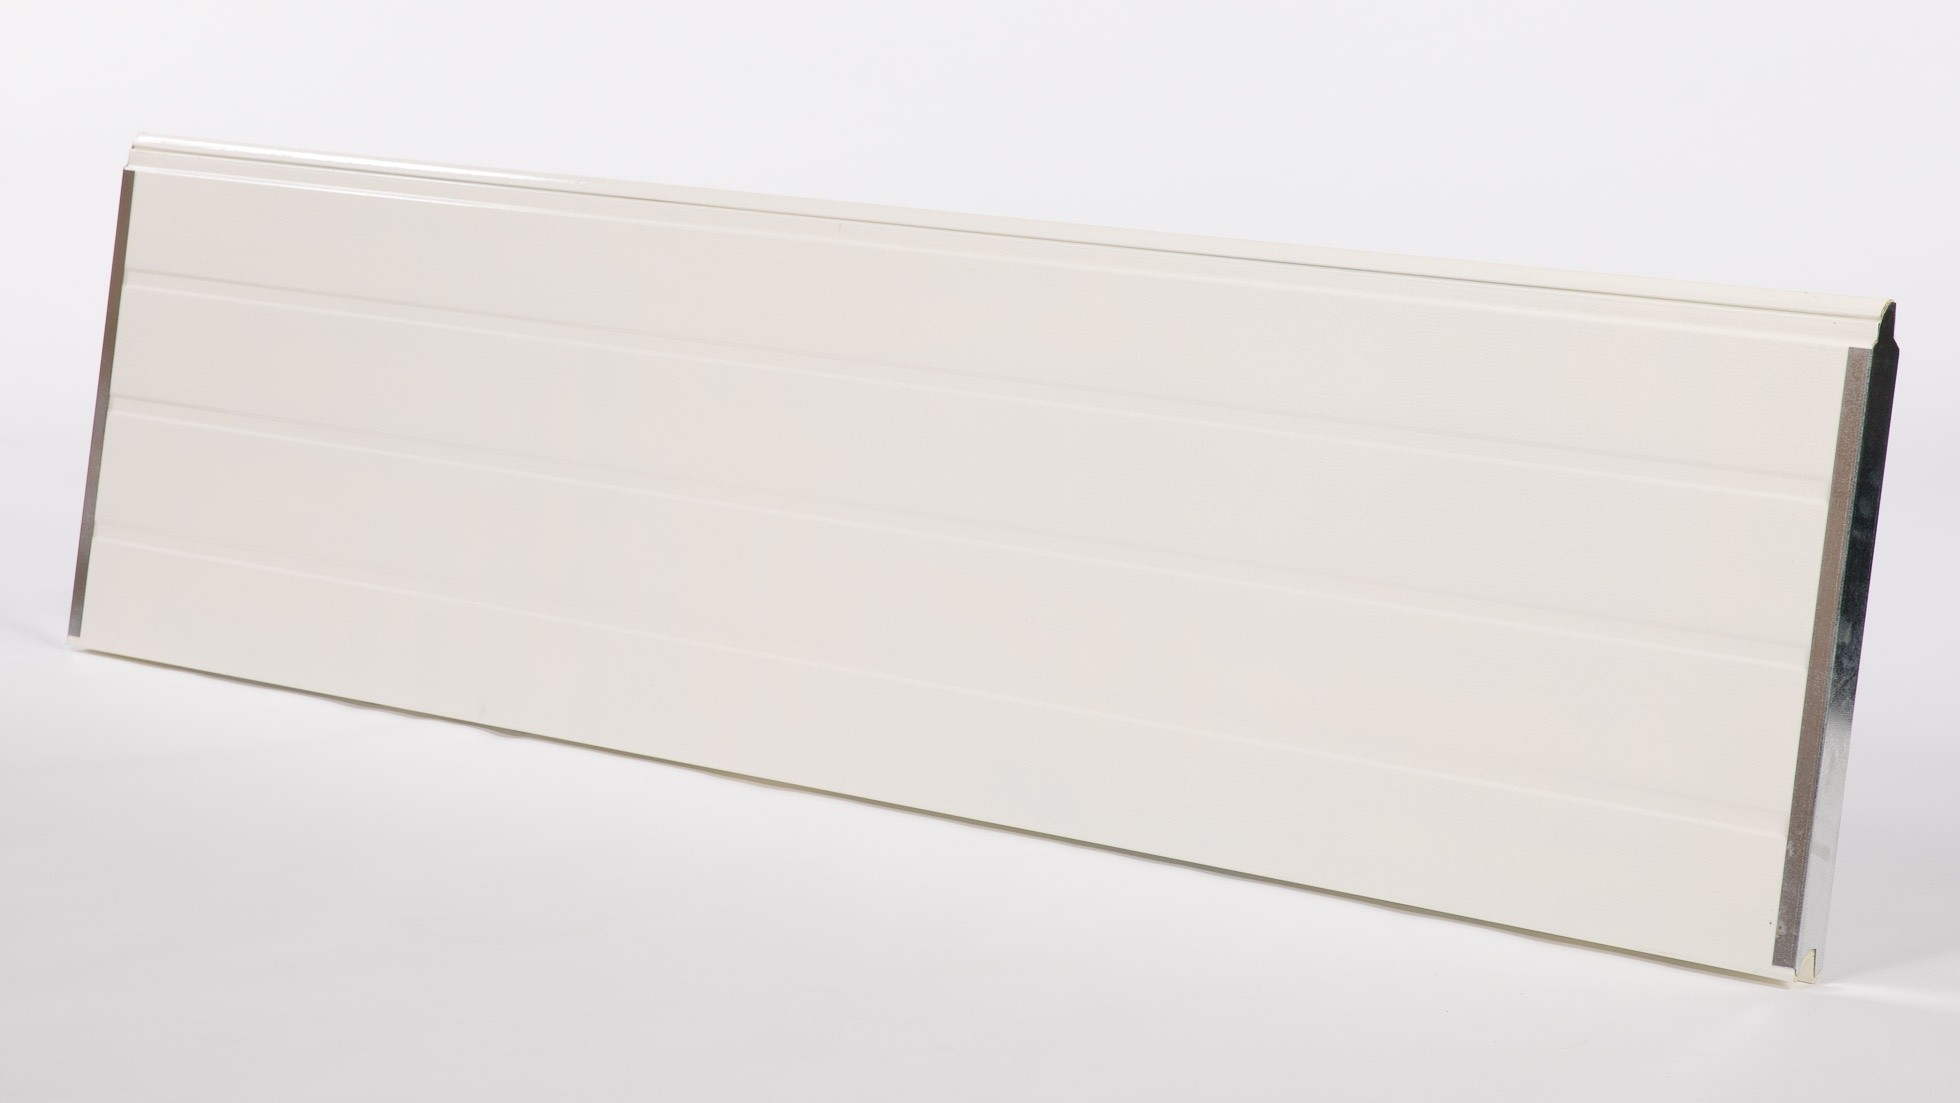 RAL 9010 plankenmotief